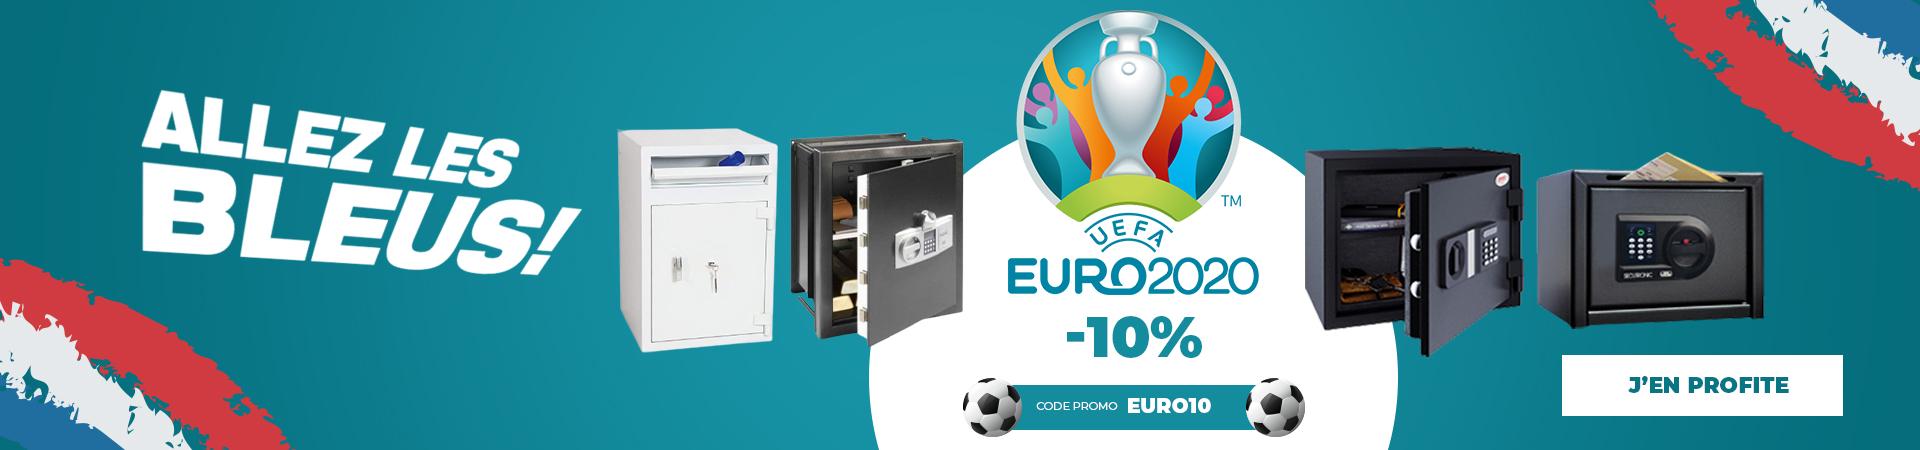 euro2020-euro10